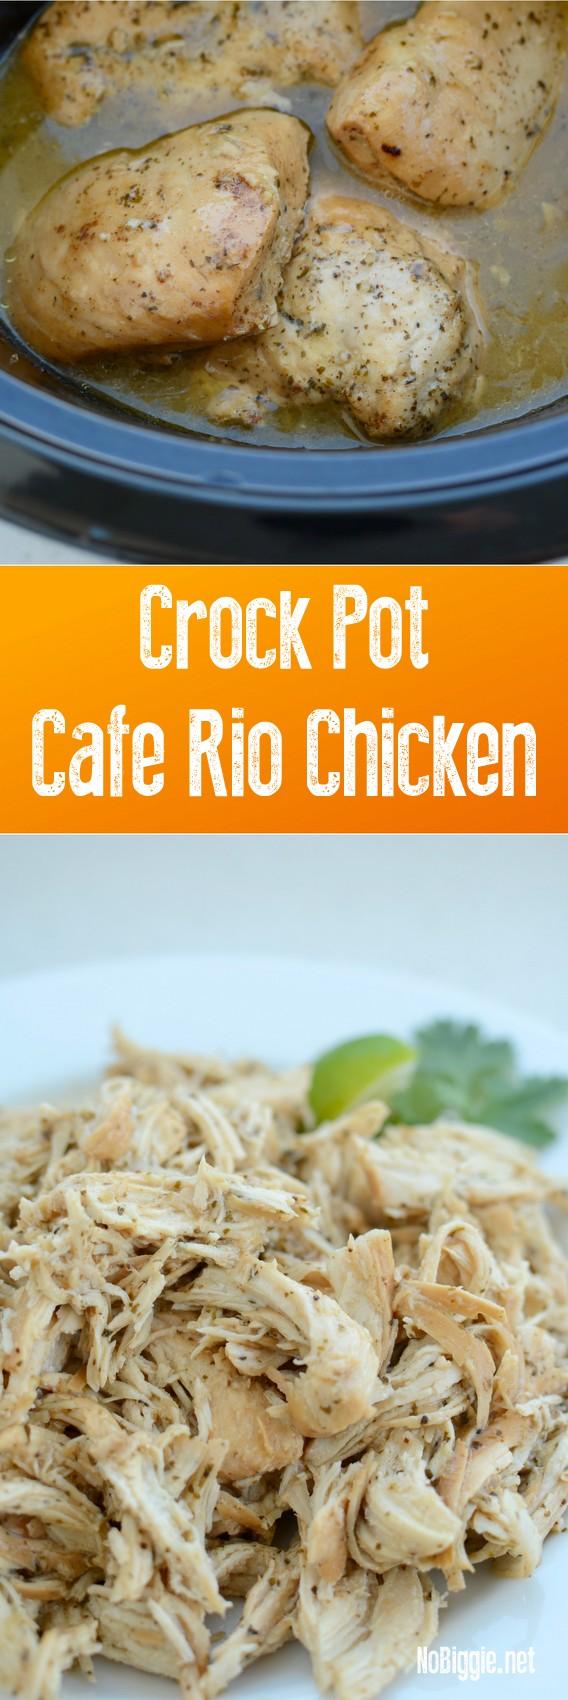 Cafe Rio Shredded Chicken Enchilada